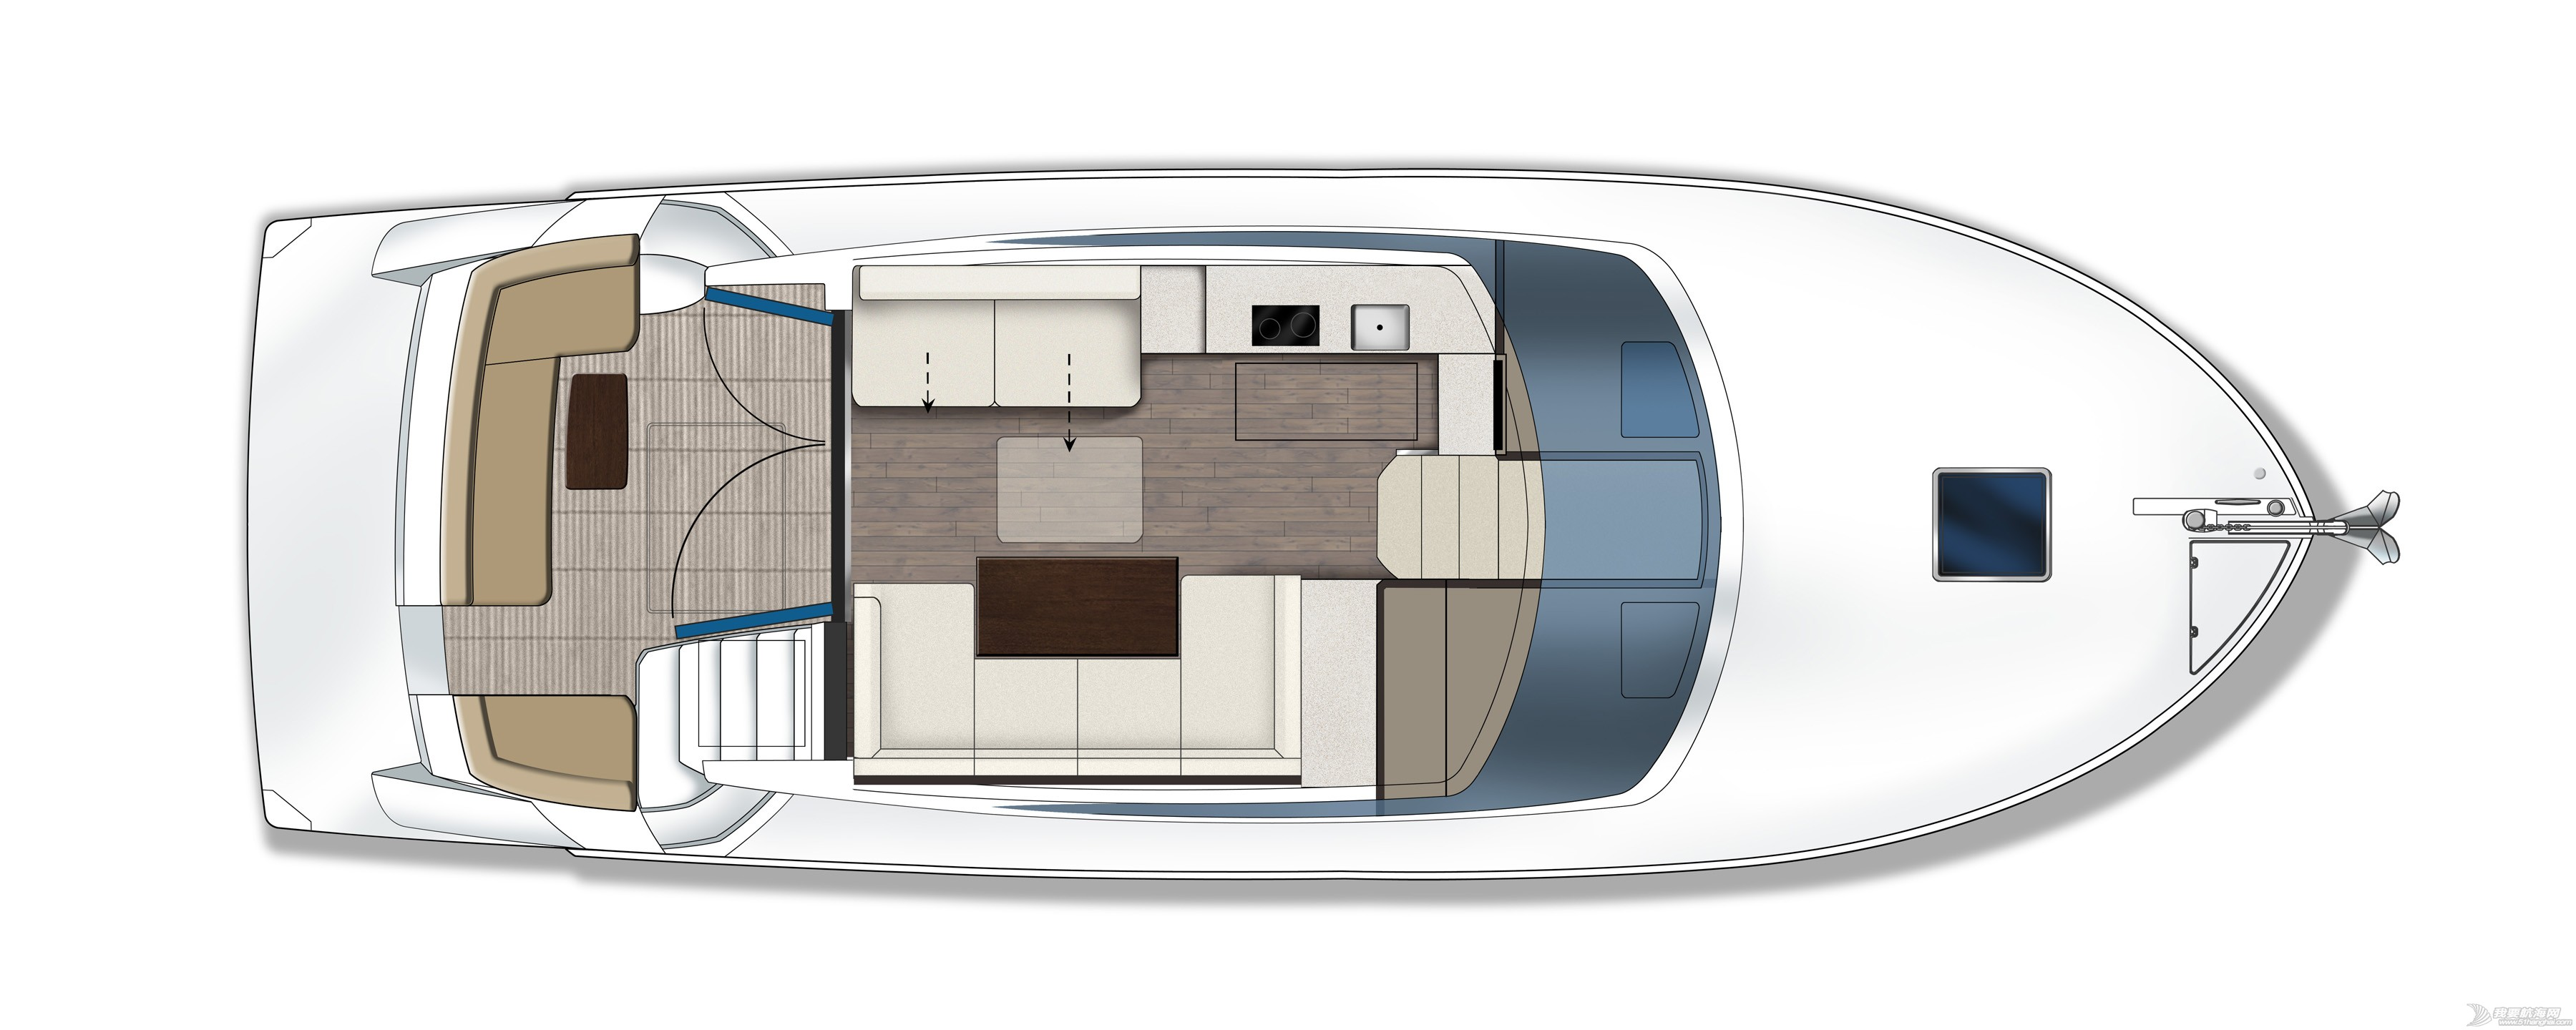 游艇,C40,时光,设计,卡福 亚洲首发,仅此一艘,美国进口豪华游艇卡福CARVER 40,现船销售。  143735g1nn0ndn0bzbopzz